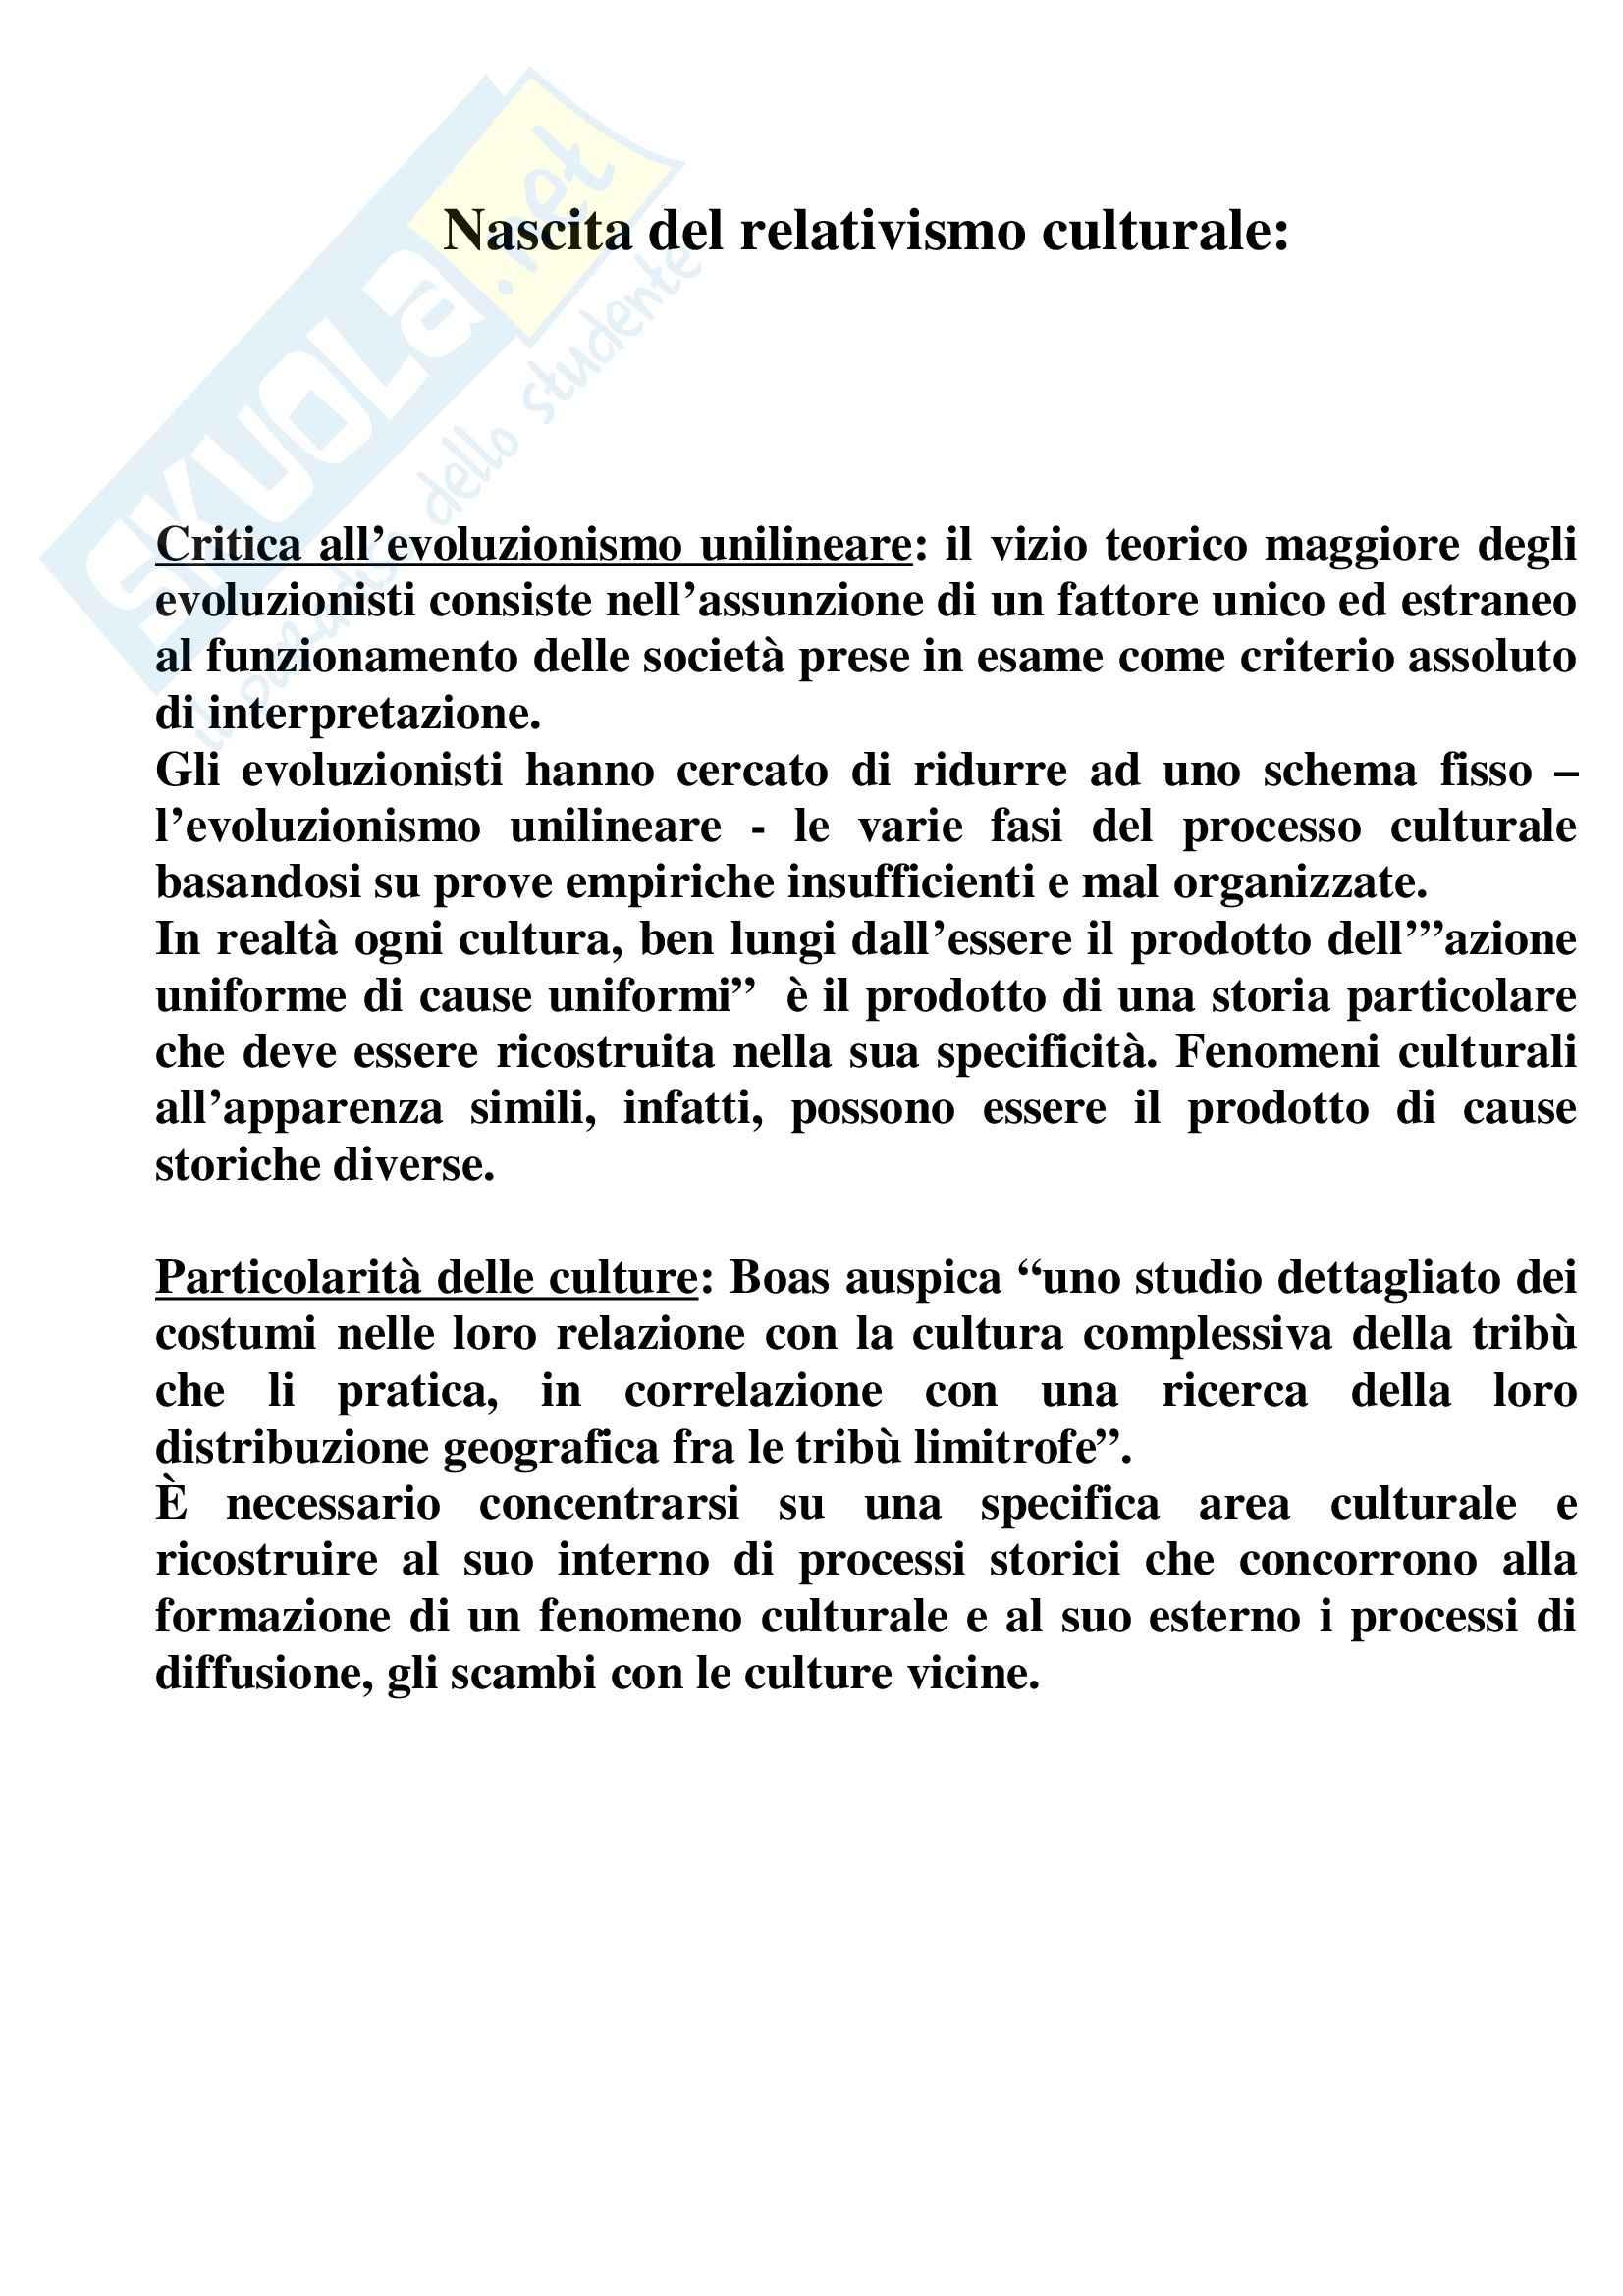 Riassunto esame Antropologia Culturale, prof. indefinito, libro consigliato Nascita del Relativismo Culturale, Boas